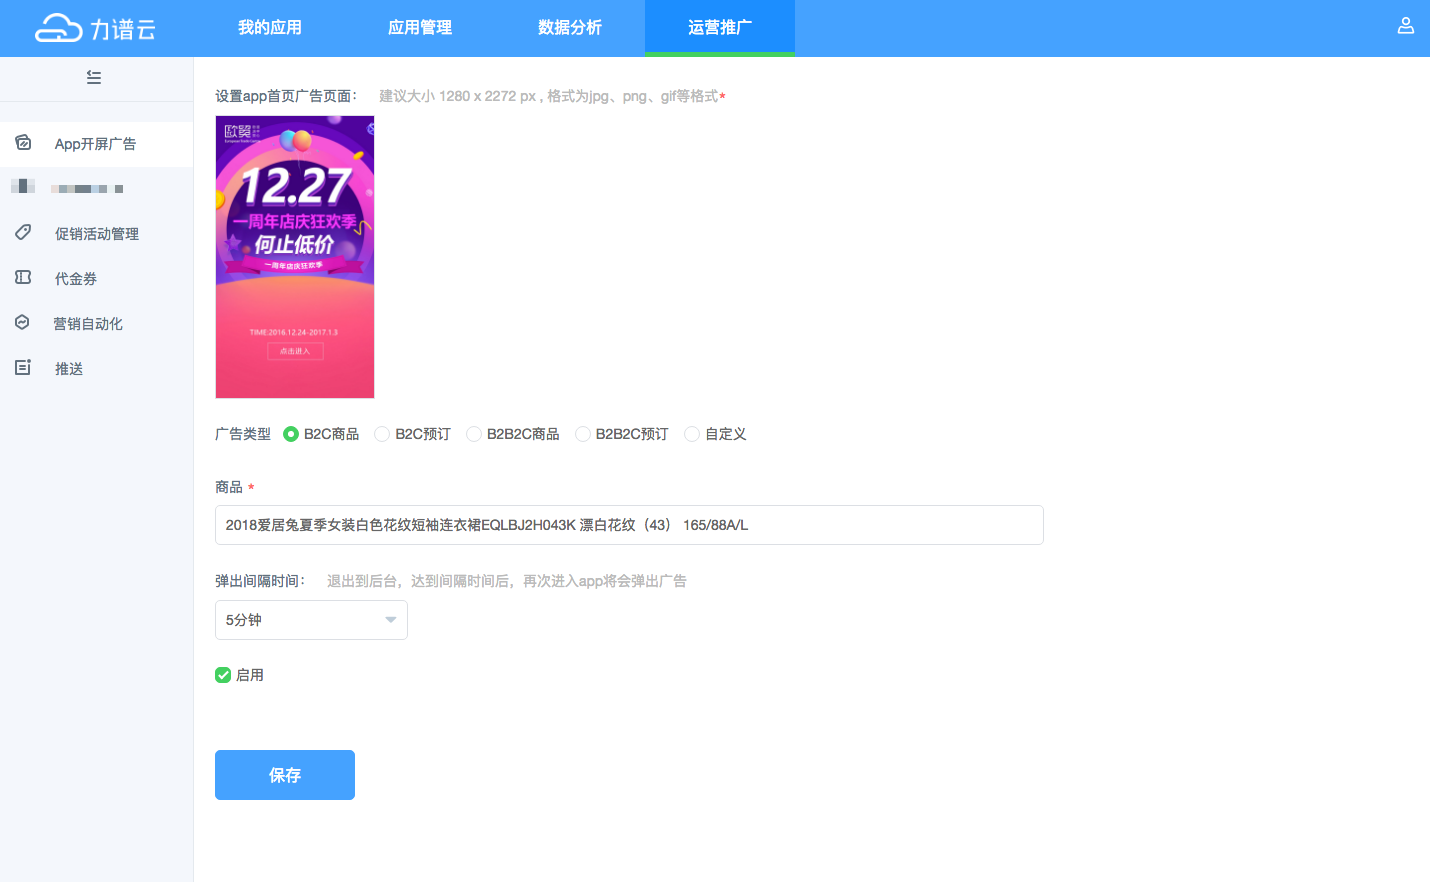 商领云App首页新增开屏广告